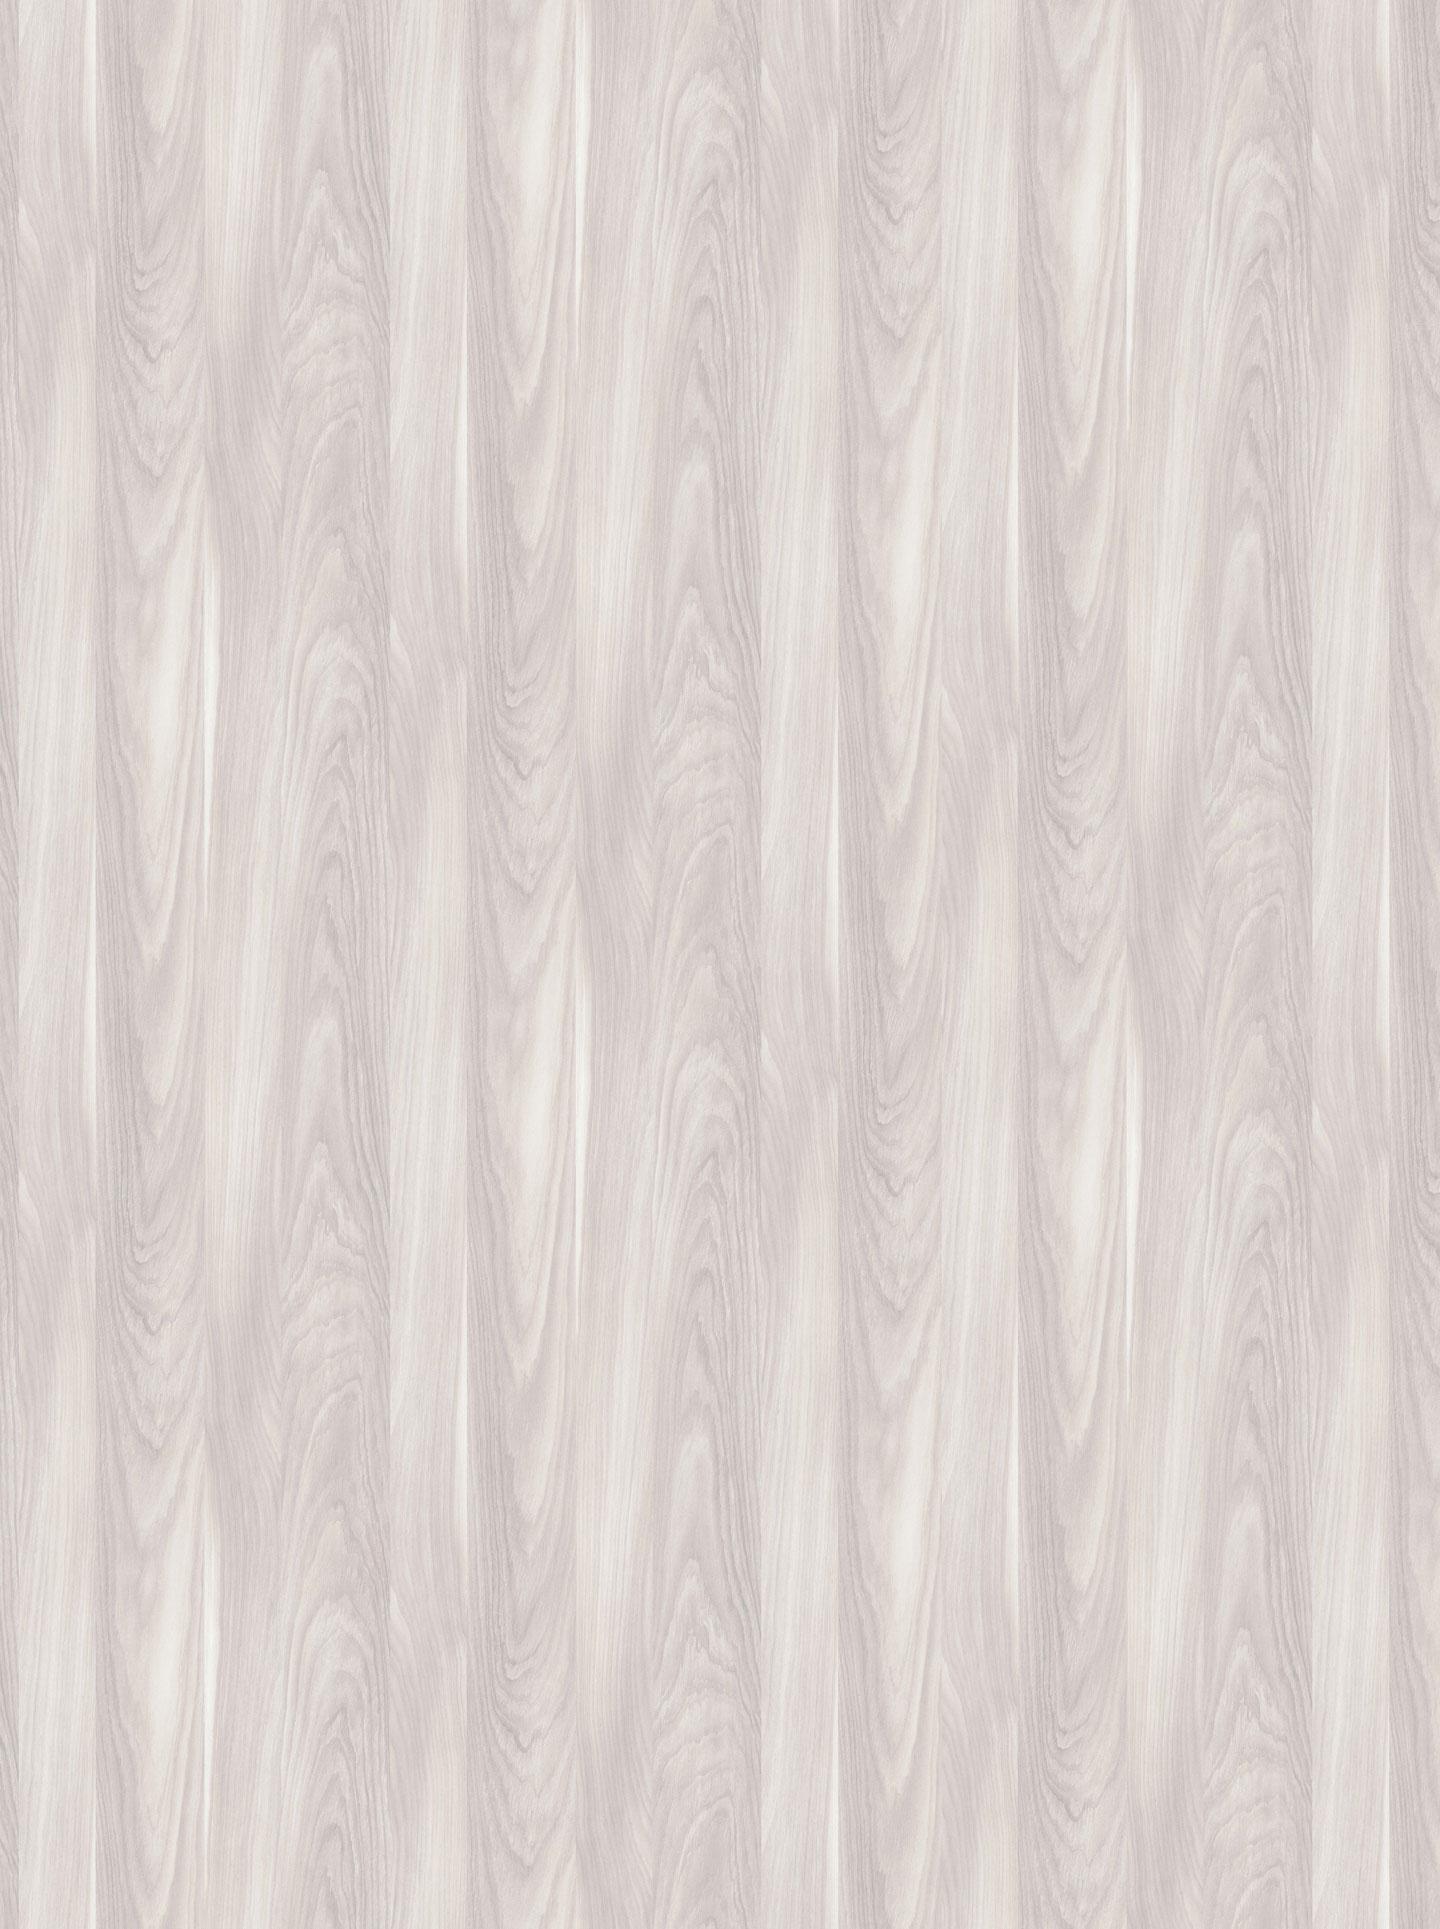 Terra Walnut Light Blonde,AT3